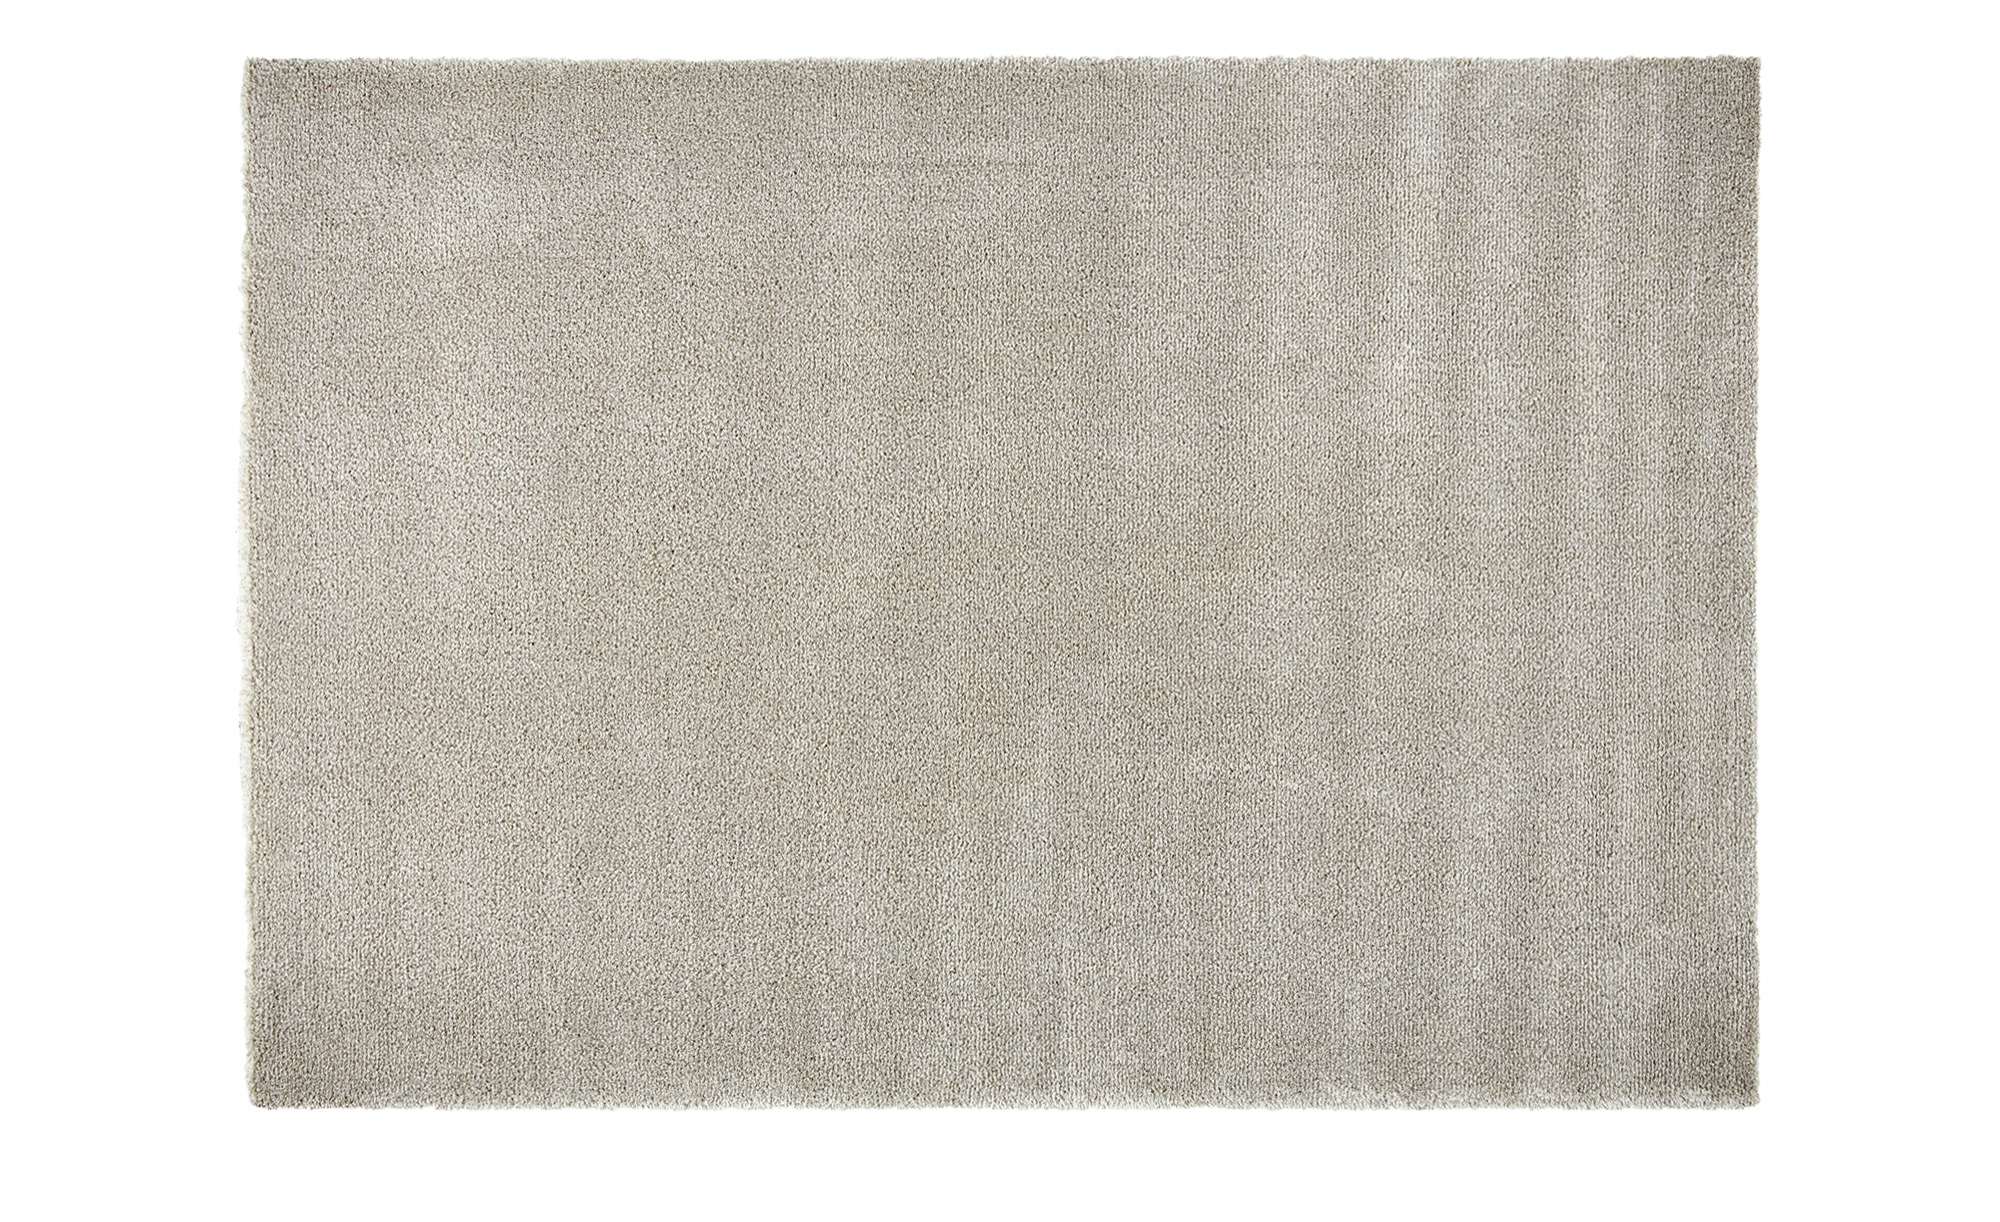 Webteppich  Cavour ¦ grau ¦ 60% Polyester / 40% Polypropylen  ¦ Maße (cm): B: 120 Teppiche > Wohnteppiche - Höffner